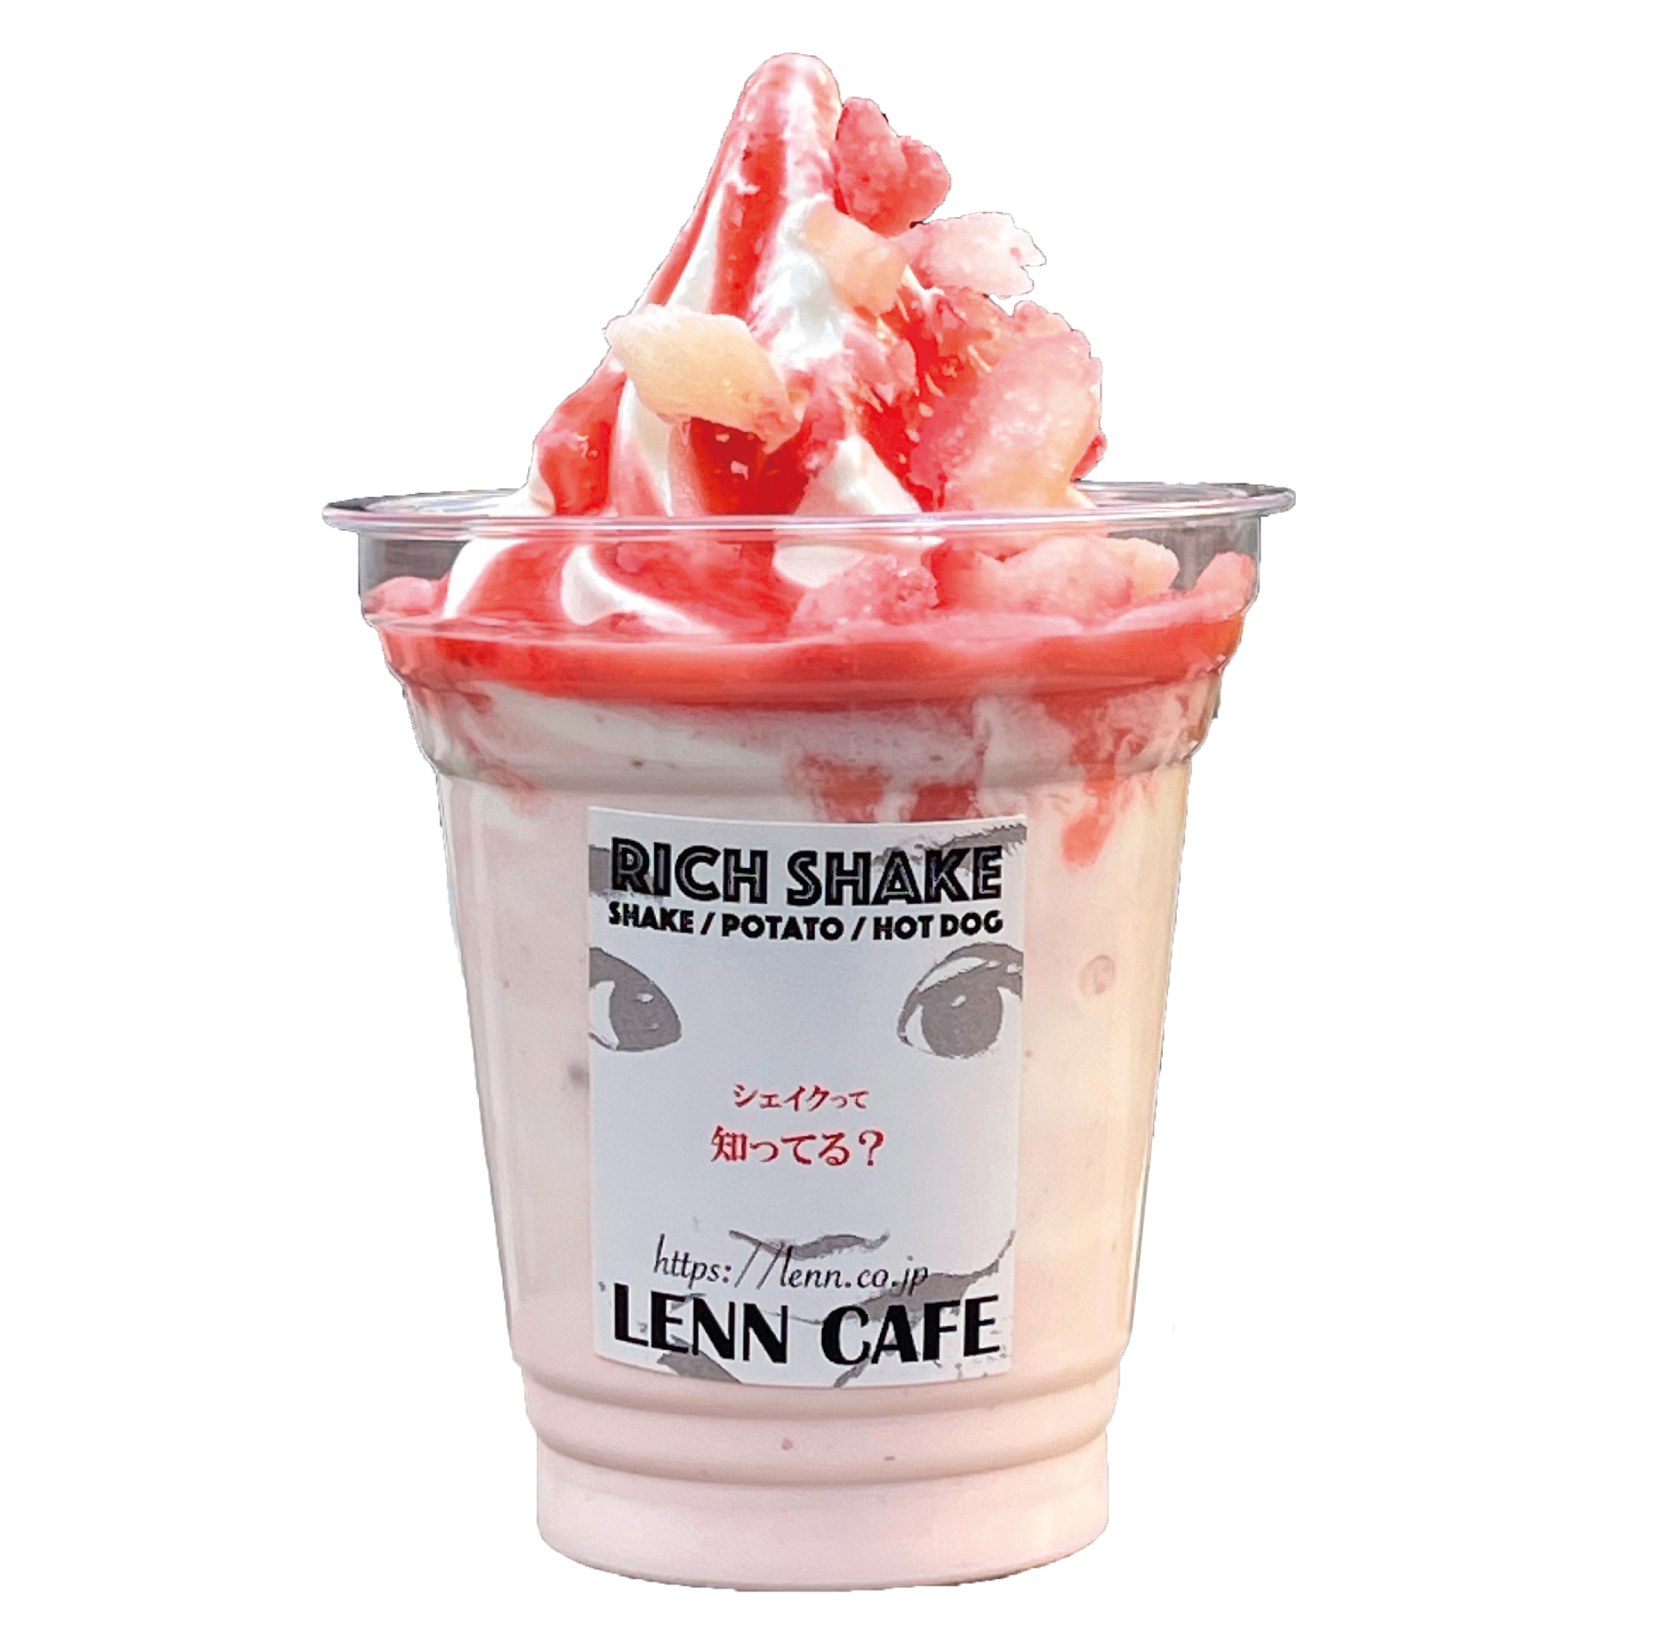 国産生苺ヨーグルトシェイク(Japanese Strawberry Yogurt Shake)レンカフェ(LENN CAFE)